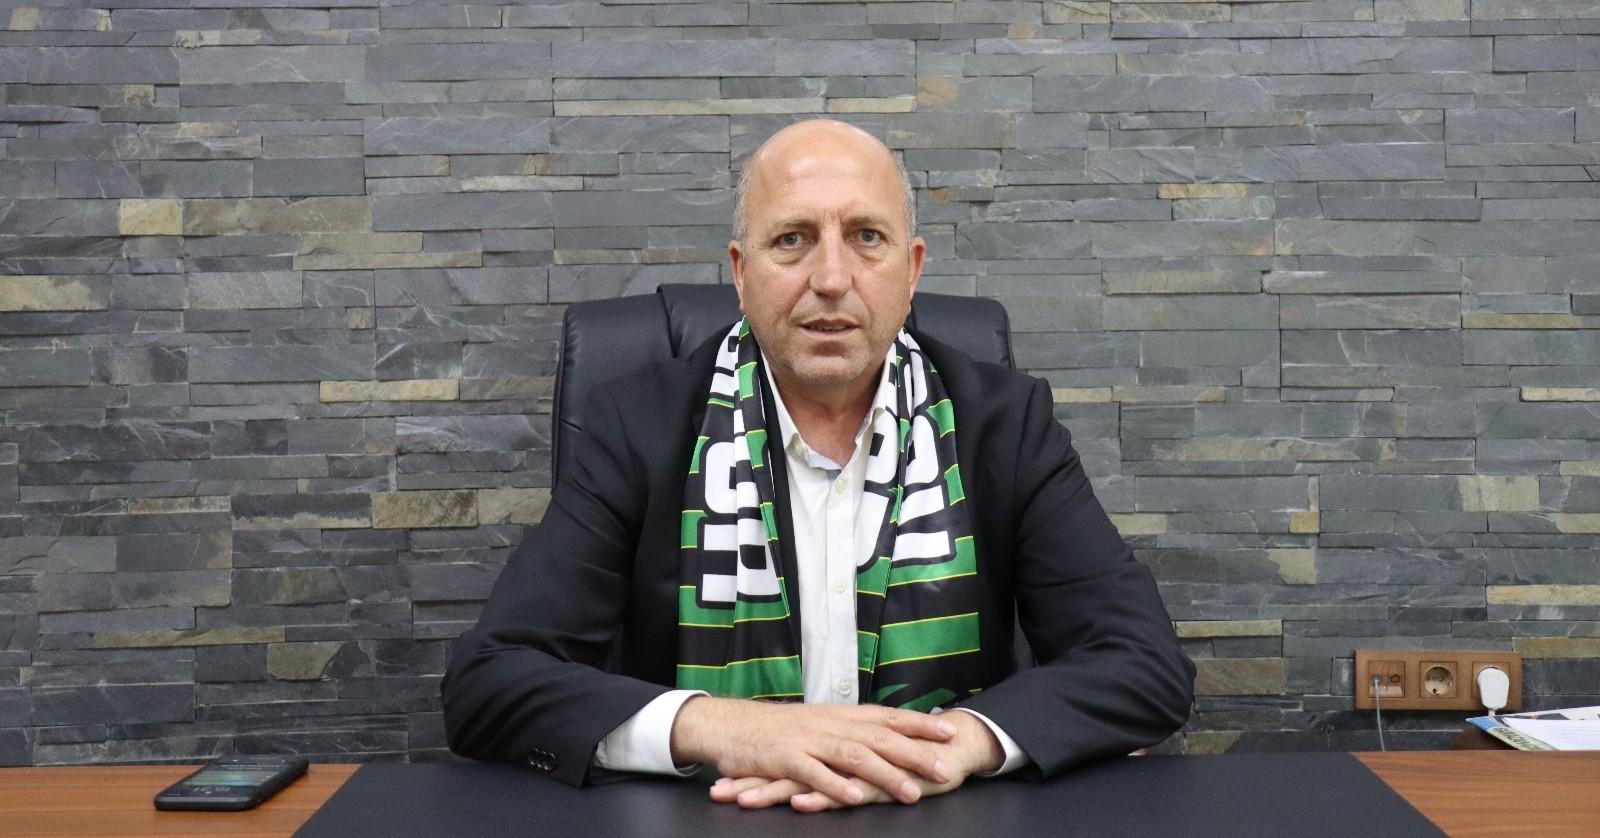 Özel haber Kocaelispor'da hedef güçlü altyapı ve tesisleşme ile Süper Lig'e çıkmak